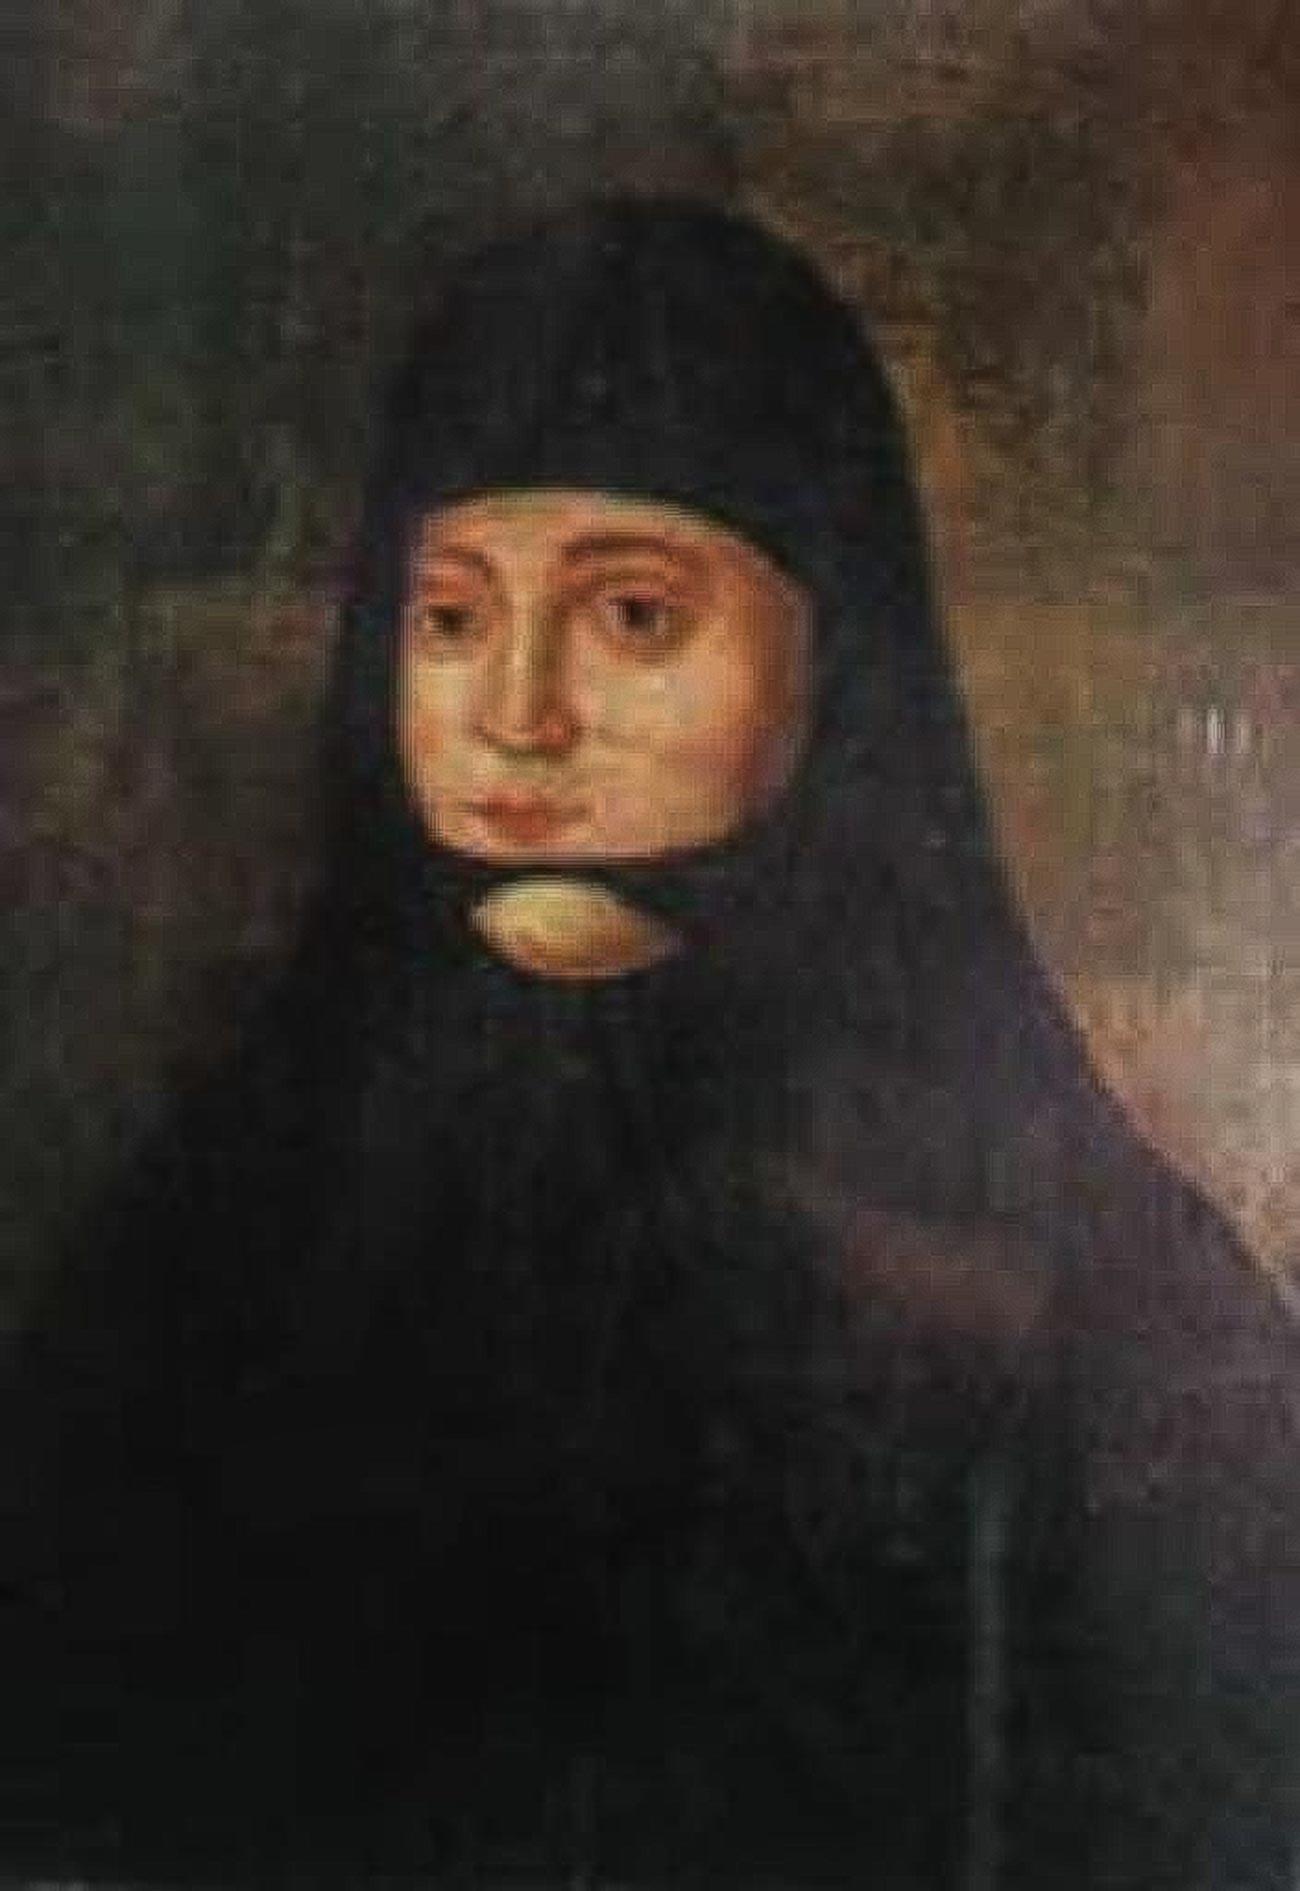 Соломония Сабурова, първата съпруга на великия княз Василий III, като монахиня в Суздалския Покровски манастир